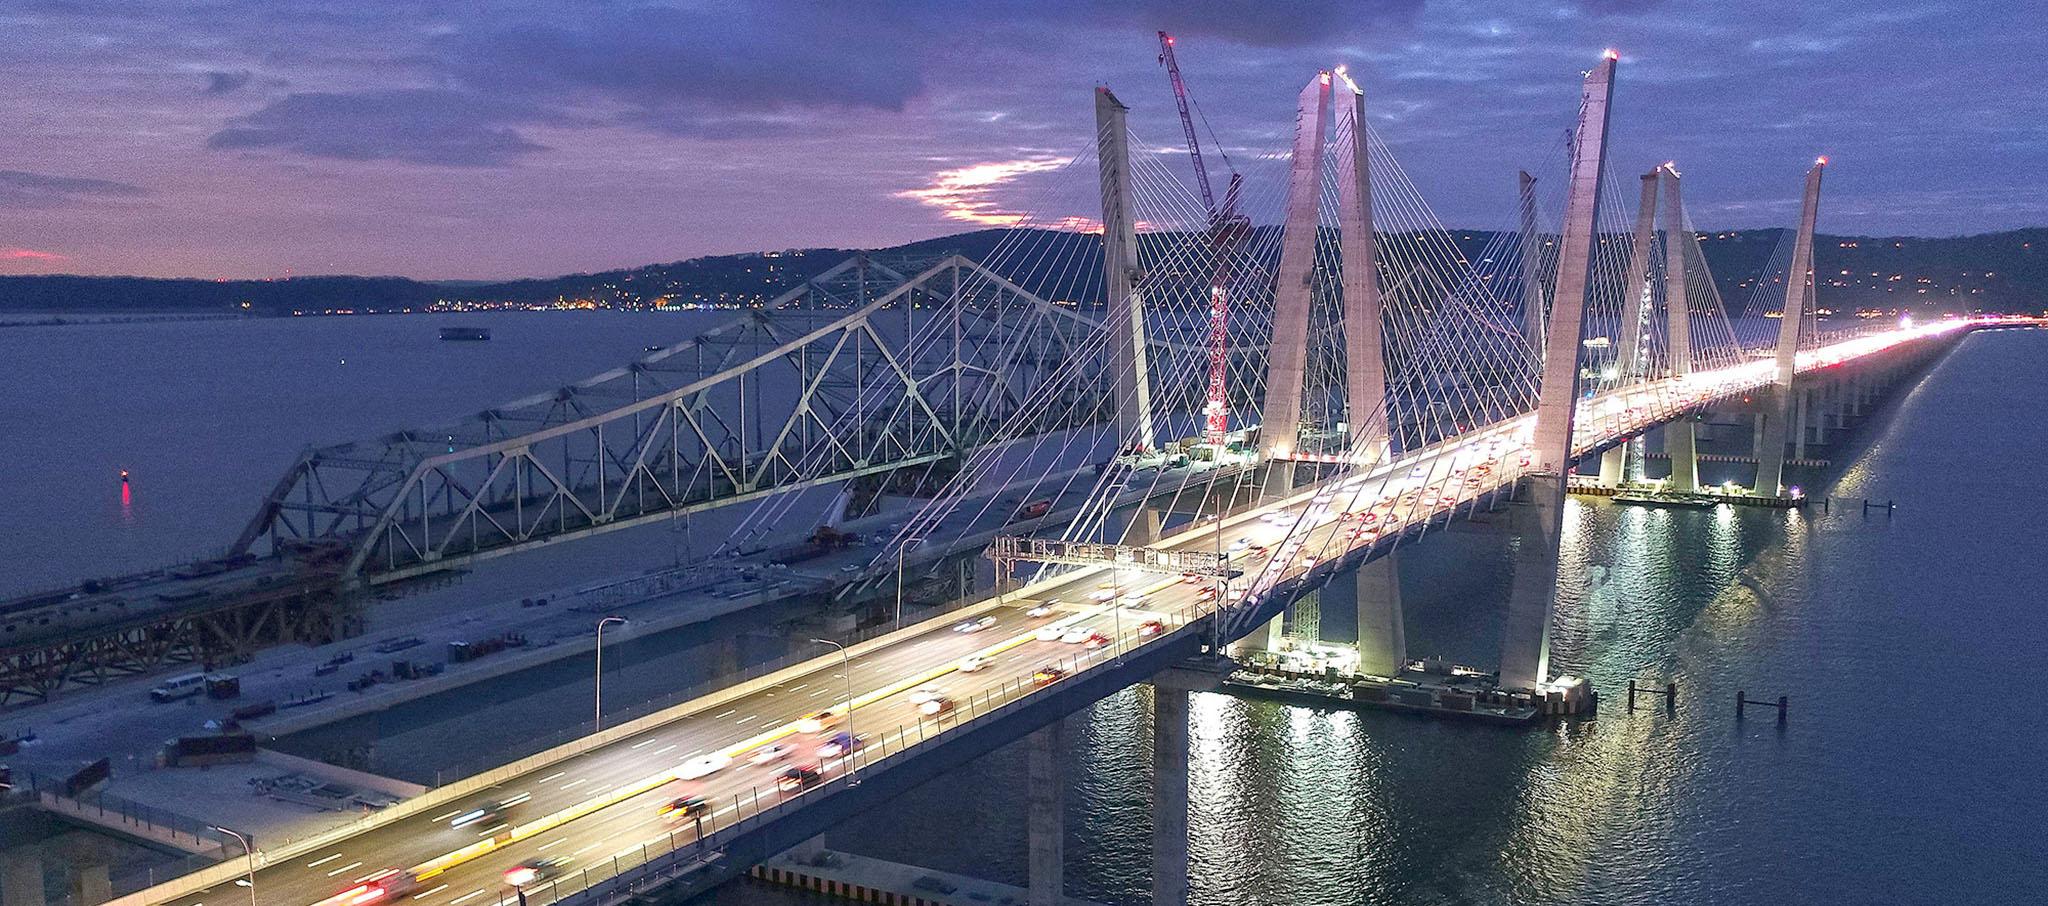 Accelerated Bridge Construction Commendation. Mario Cuomo Bridge, Tarrytown, NY. Fotografía Prize Bridge Awards, cortesía de NSBA